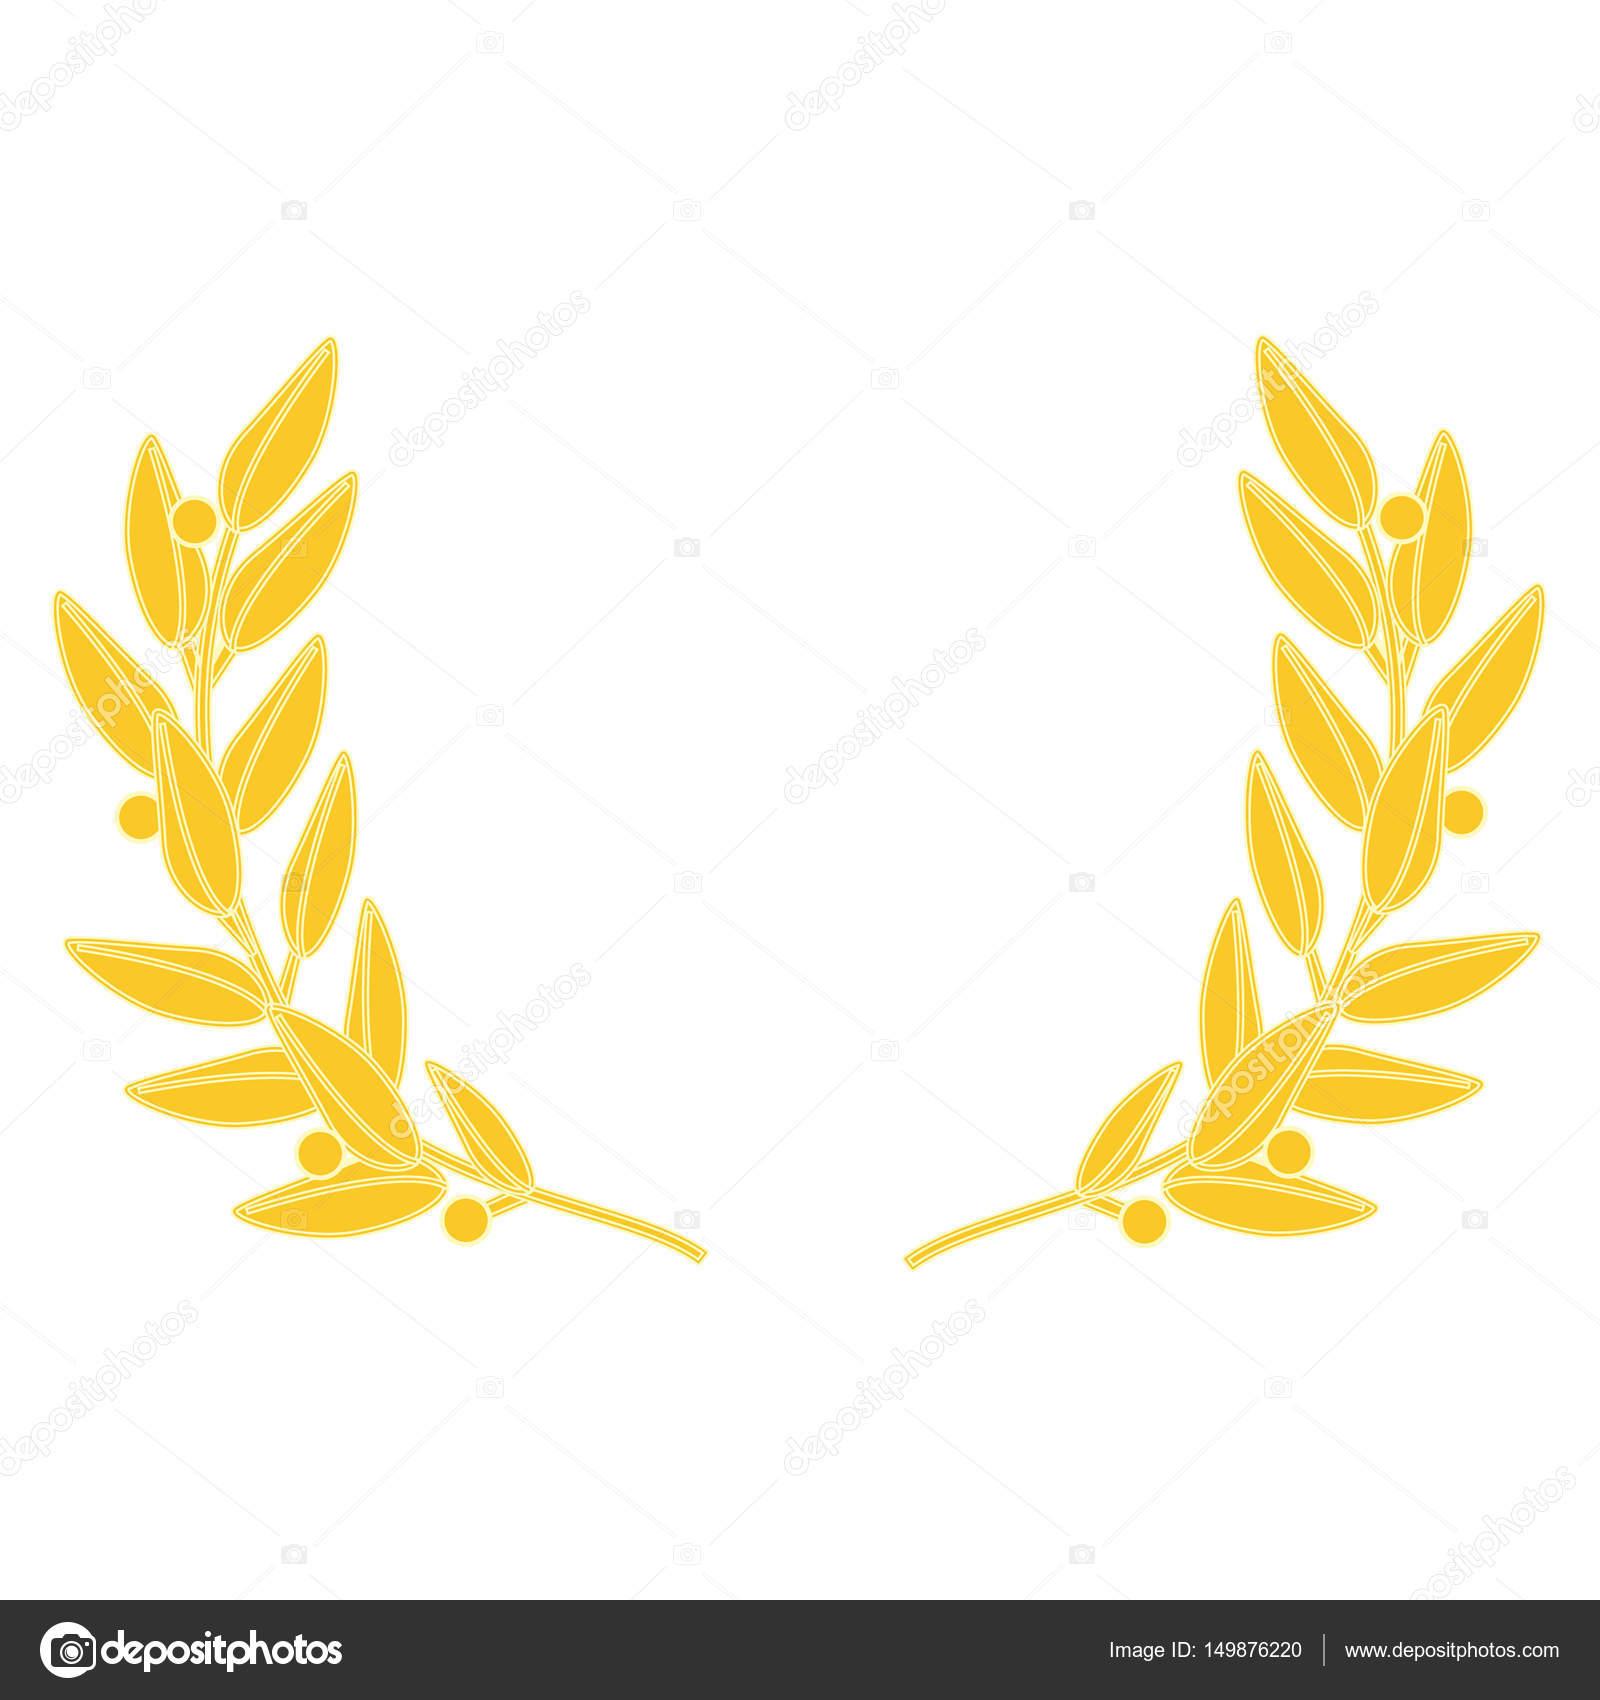 Rastrový obrázek zlatý věnec izolovaných na bílém pozadí. Vavřínový věnec —  Fotografie od ... 947e6fcfa2